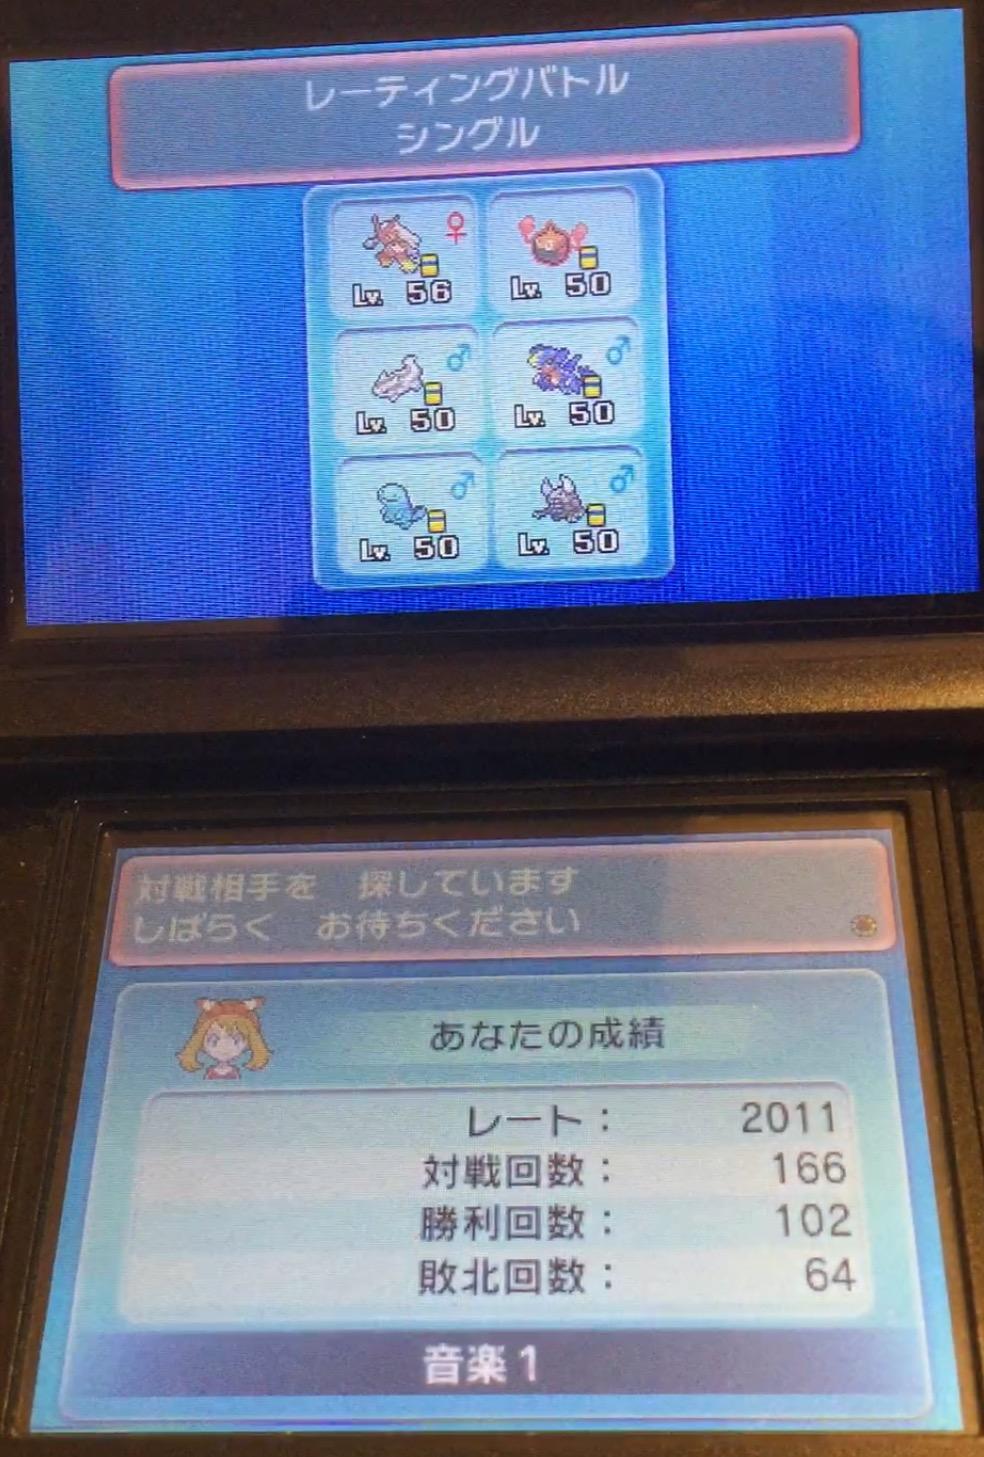 201511162154430c8.jpeg